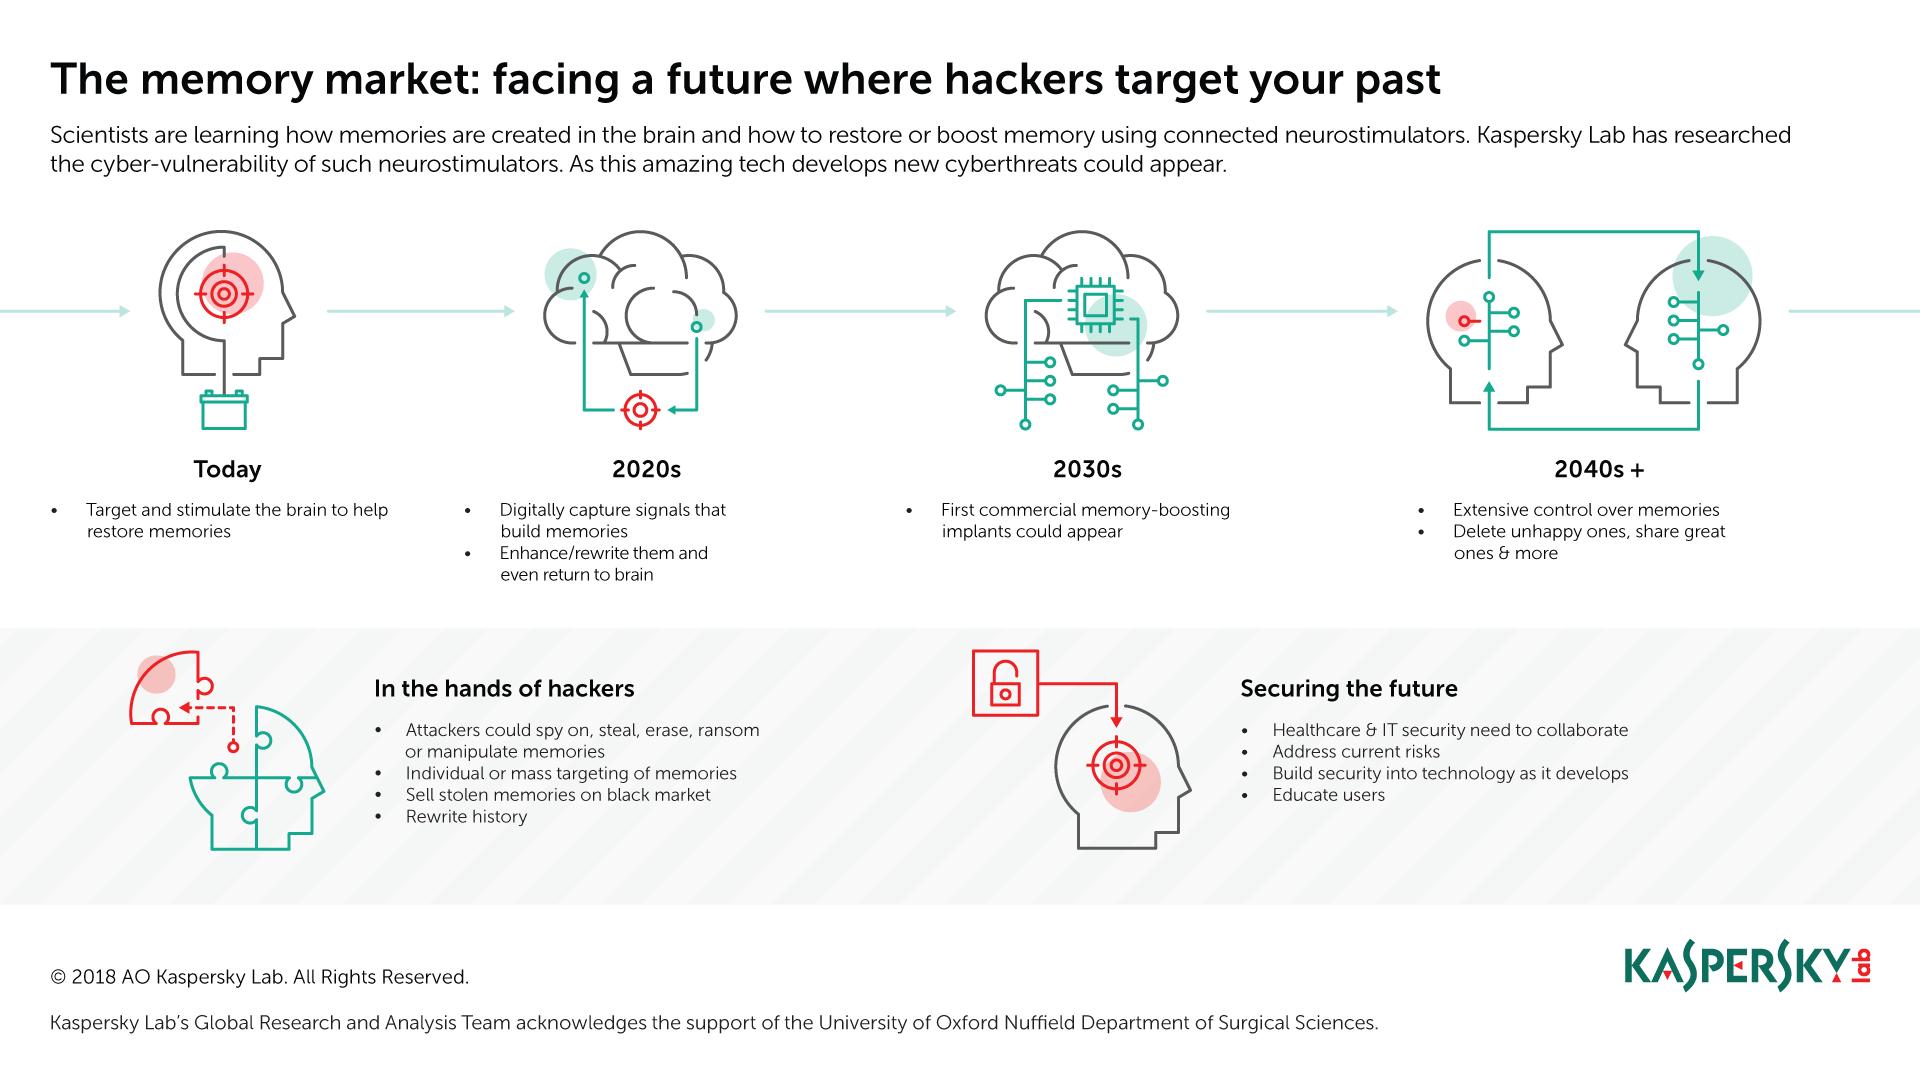 memory-market-hacking-kaspersky.png